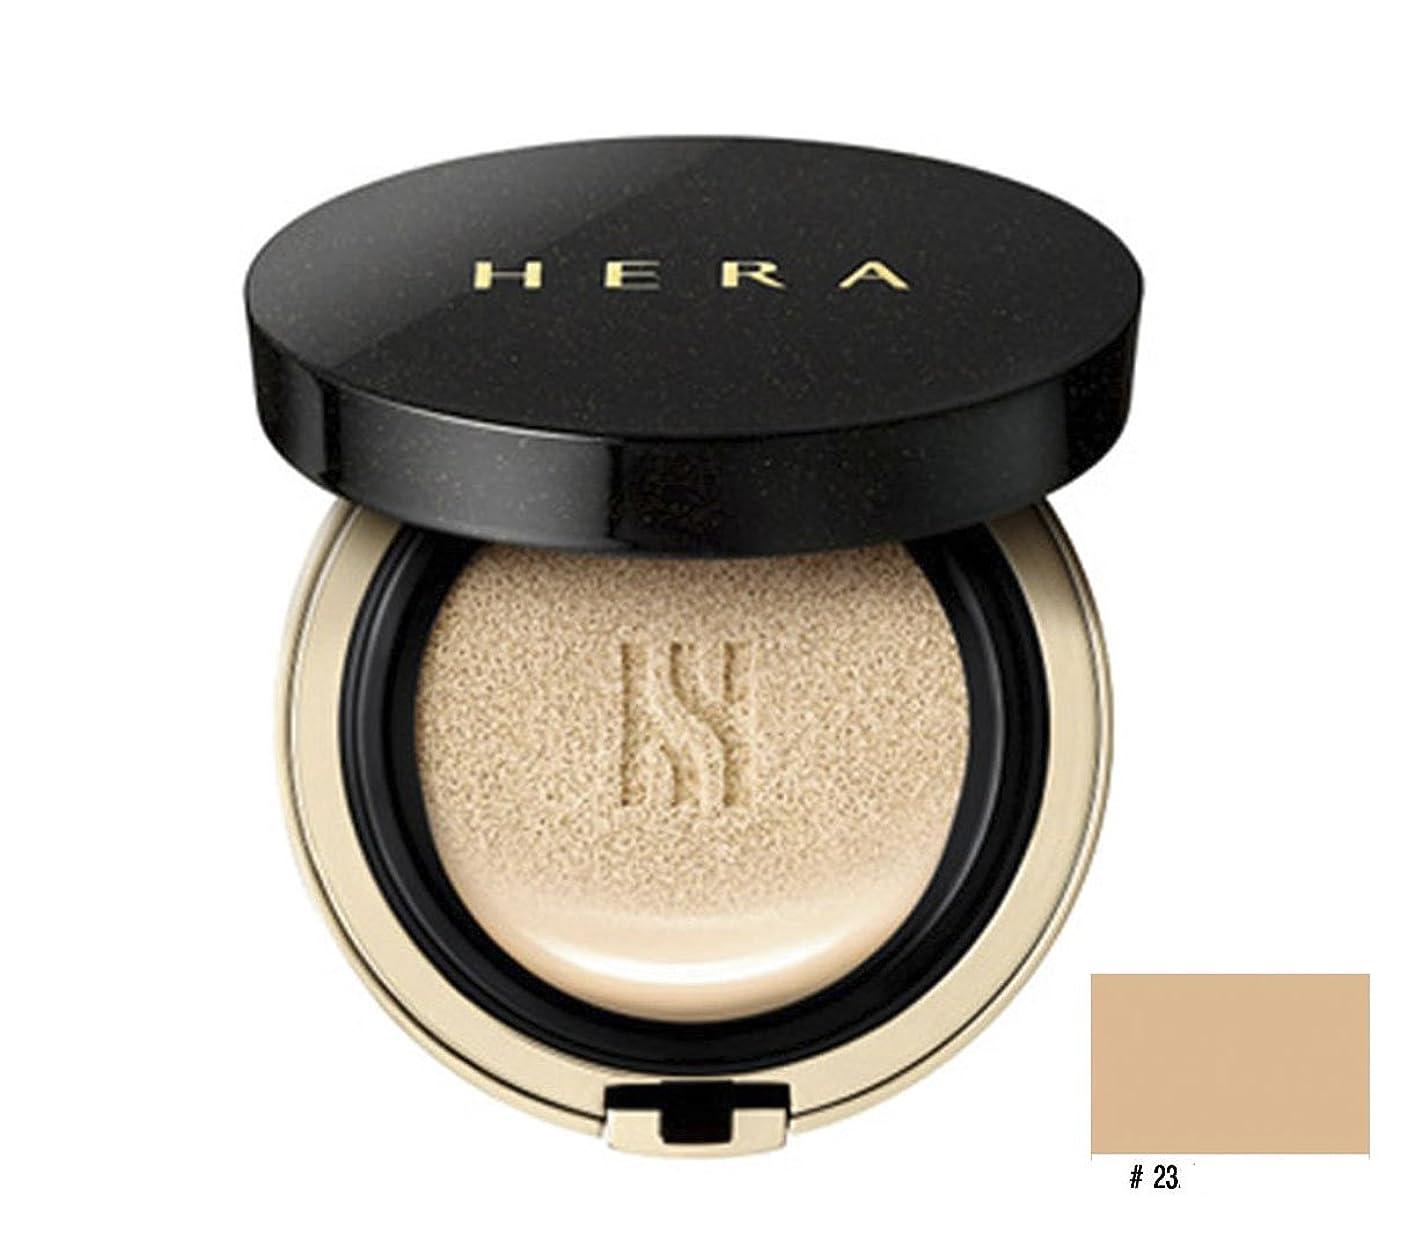 座標息苦しい穀物Hera ブラッククッション SPF34/PA++ 本品15g+リフィール15g/Black Cushion SPF34/PA++ 15g+Refil15g (No.23 beige) (韓国直発送) + Ochloo logo tag